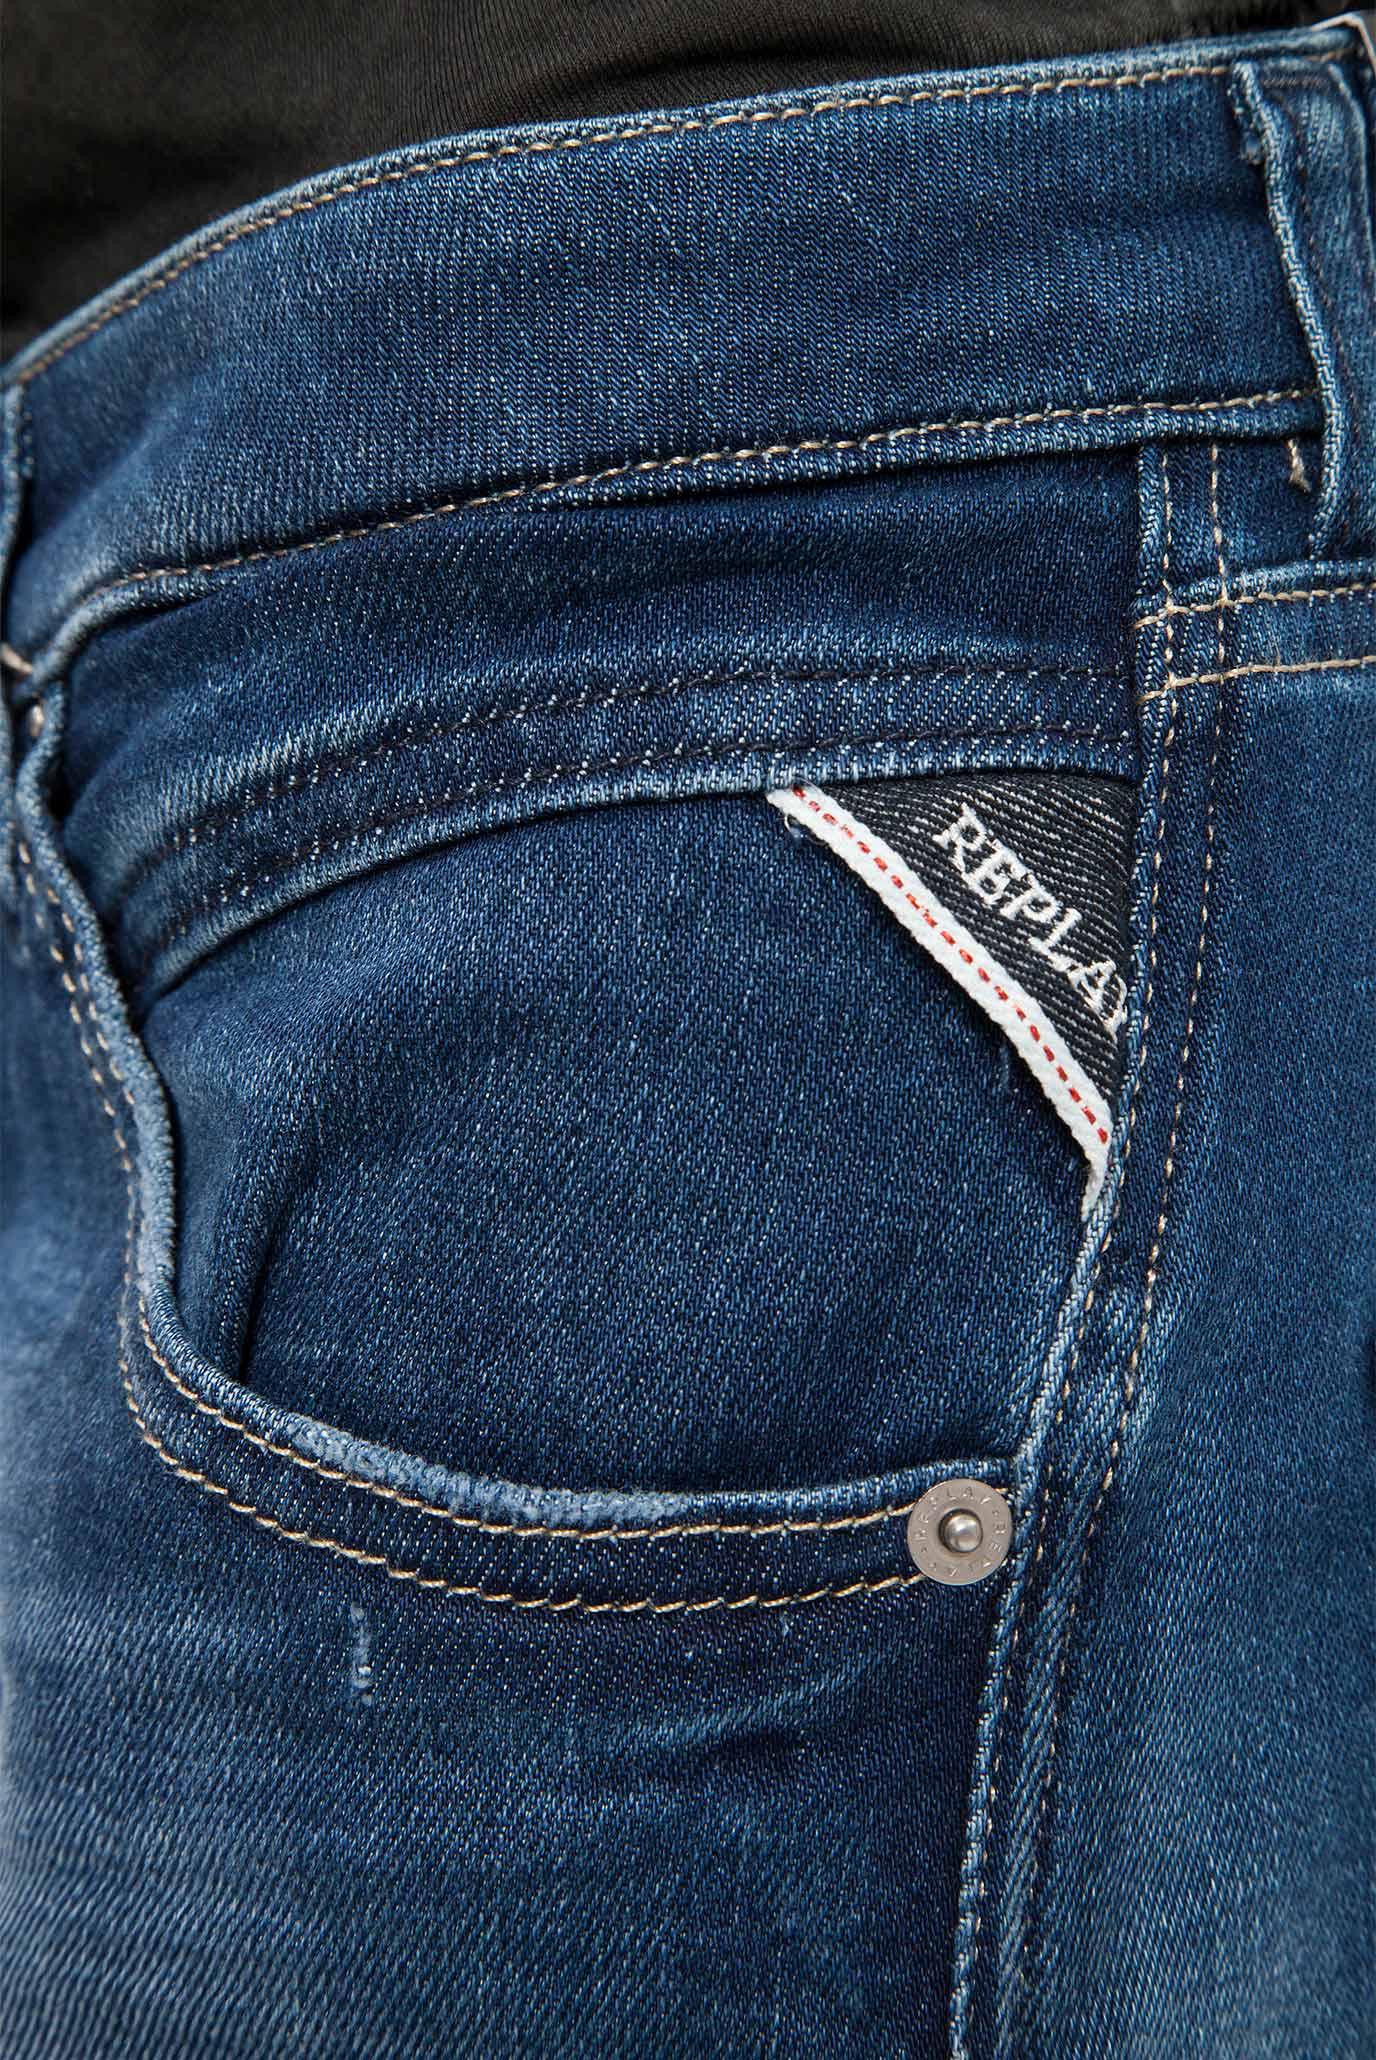 Купить Женские синие джинсы PILAR ANKLE ZIP Replay Replay WBA698.000.97C 163 – Киев, Украина. Цены в интернет магазине MD Fashion